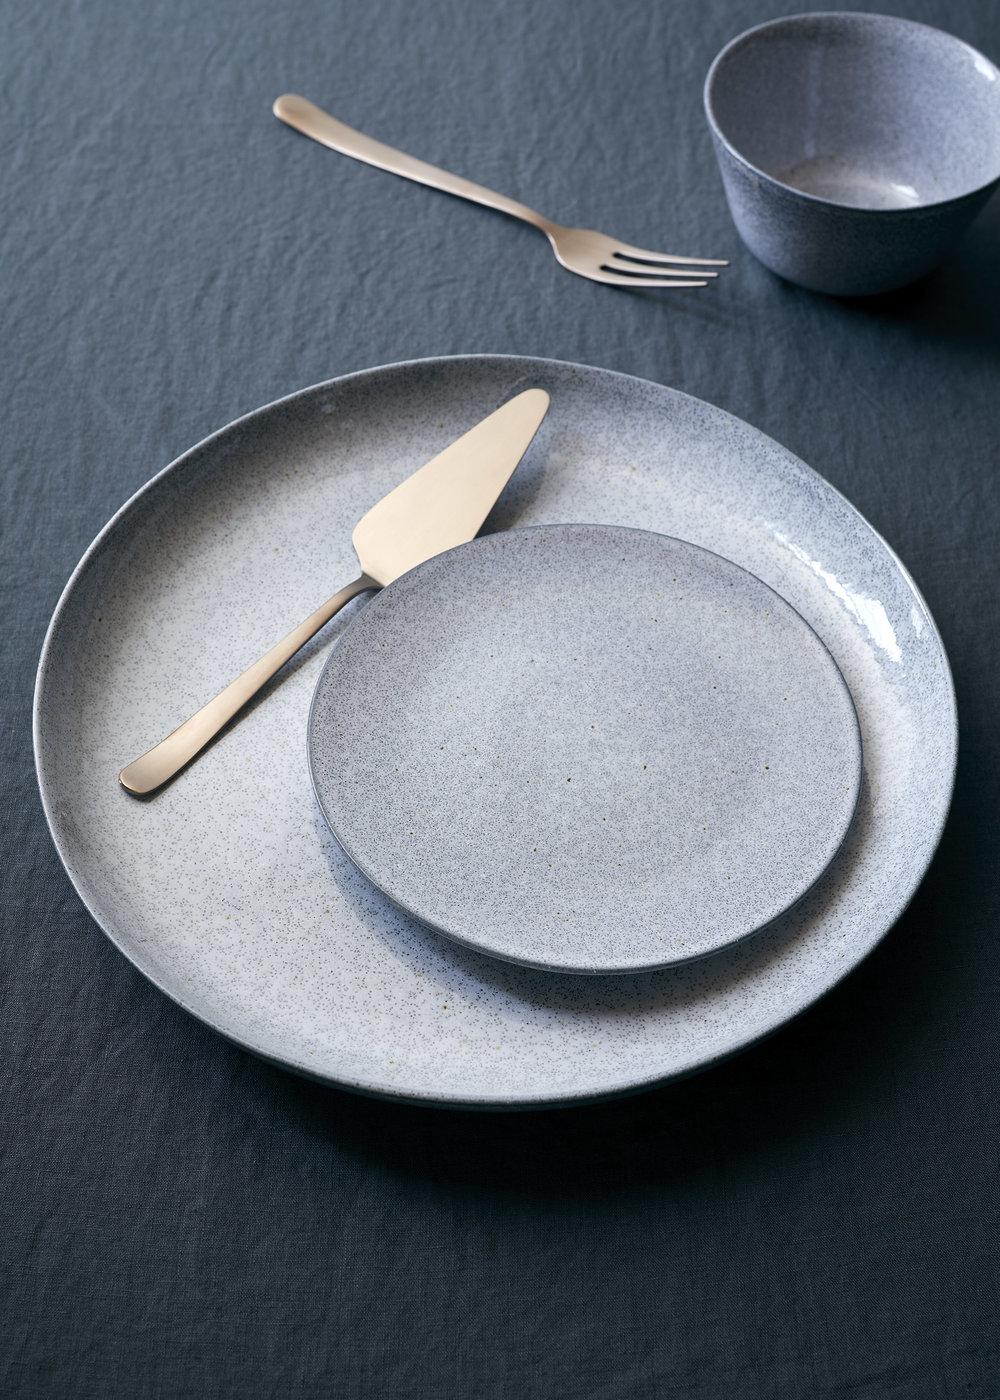 grace_platter_salad_plate_galvin_copper_serving_overhead_unison stevens3397.jpg